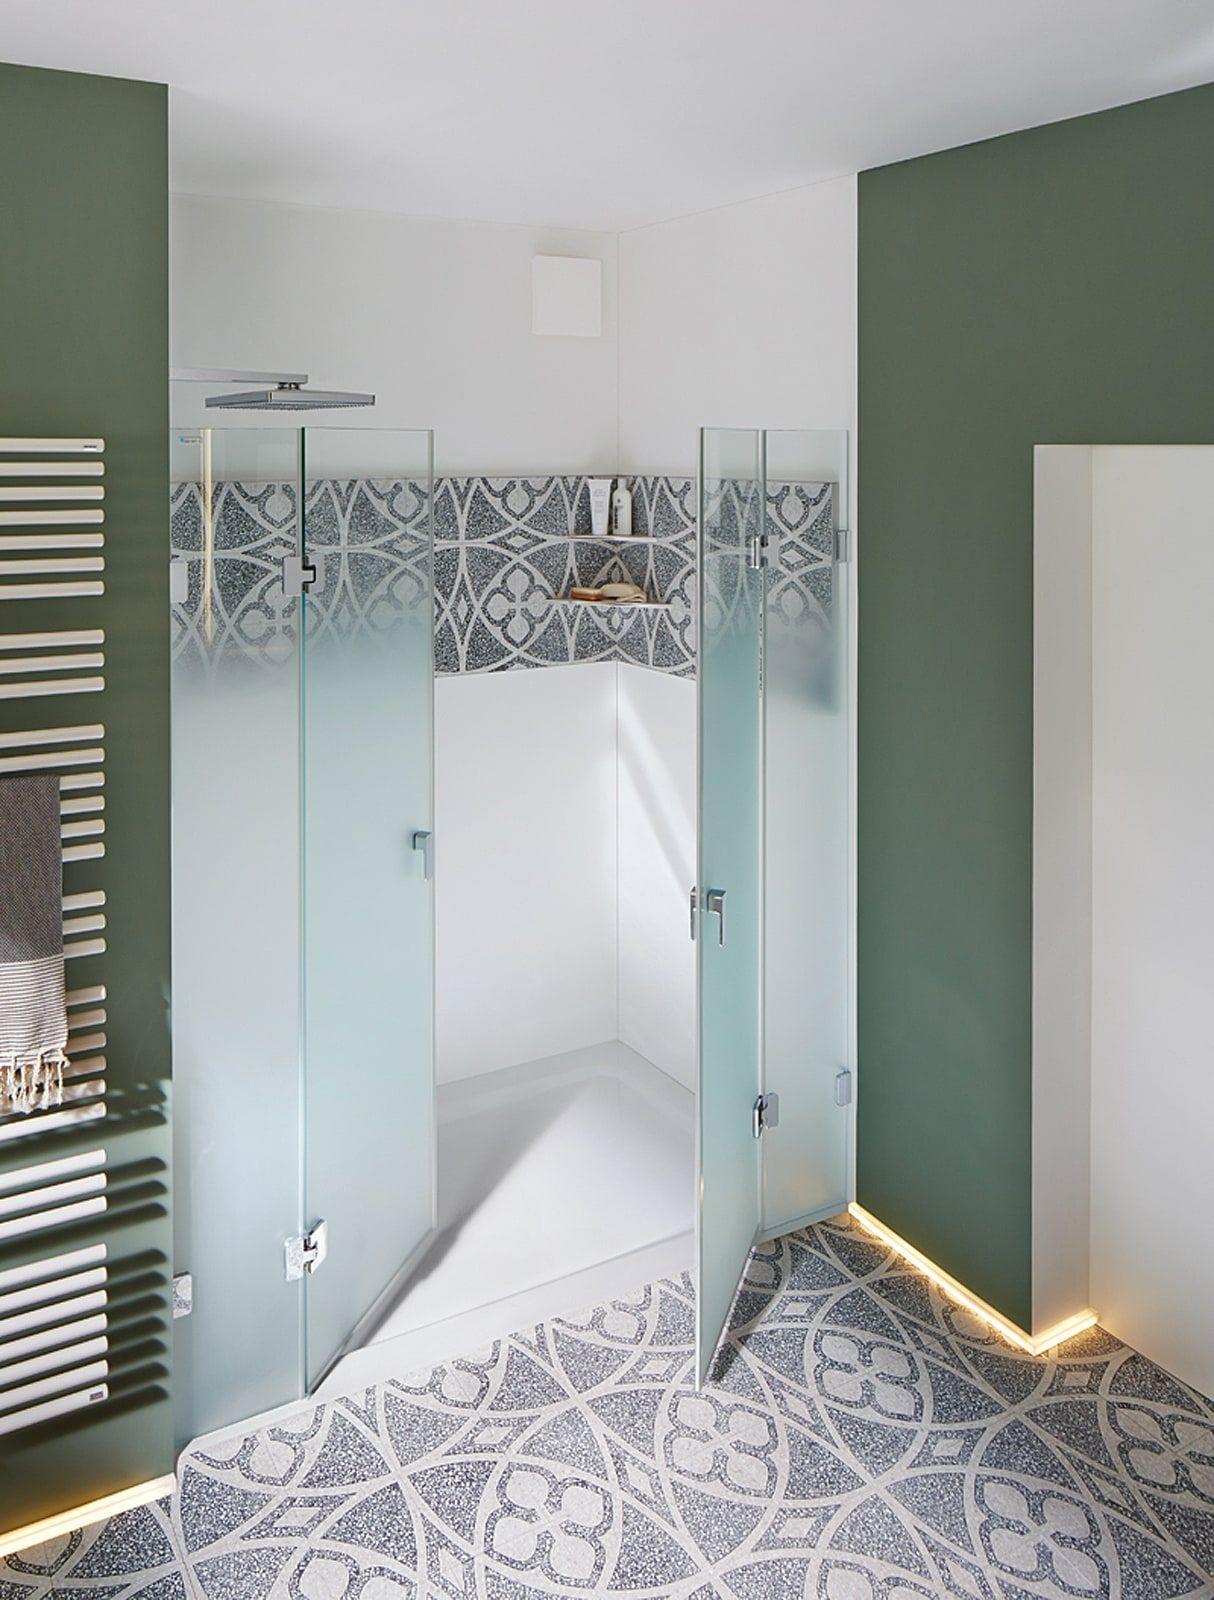 Bildbeispiel Terrazzoplatten An Wand Und Boden Im Badezimmer Via N 910760 52 Badezimmer Design Bad Inspiration Bodenfliesen Muster